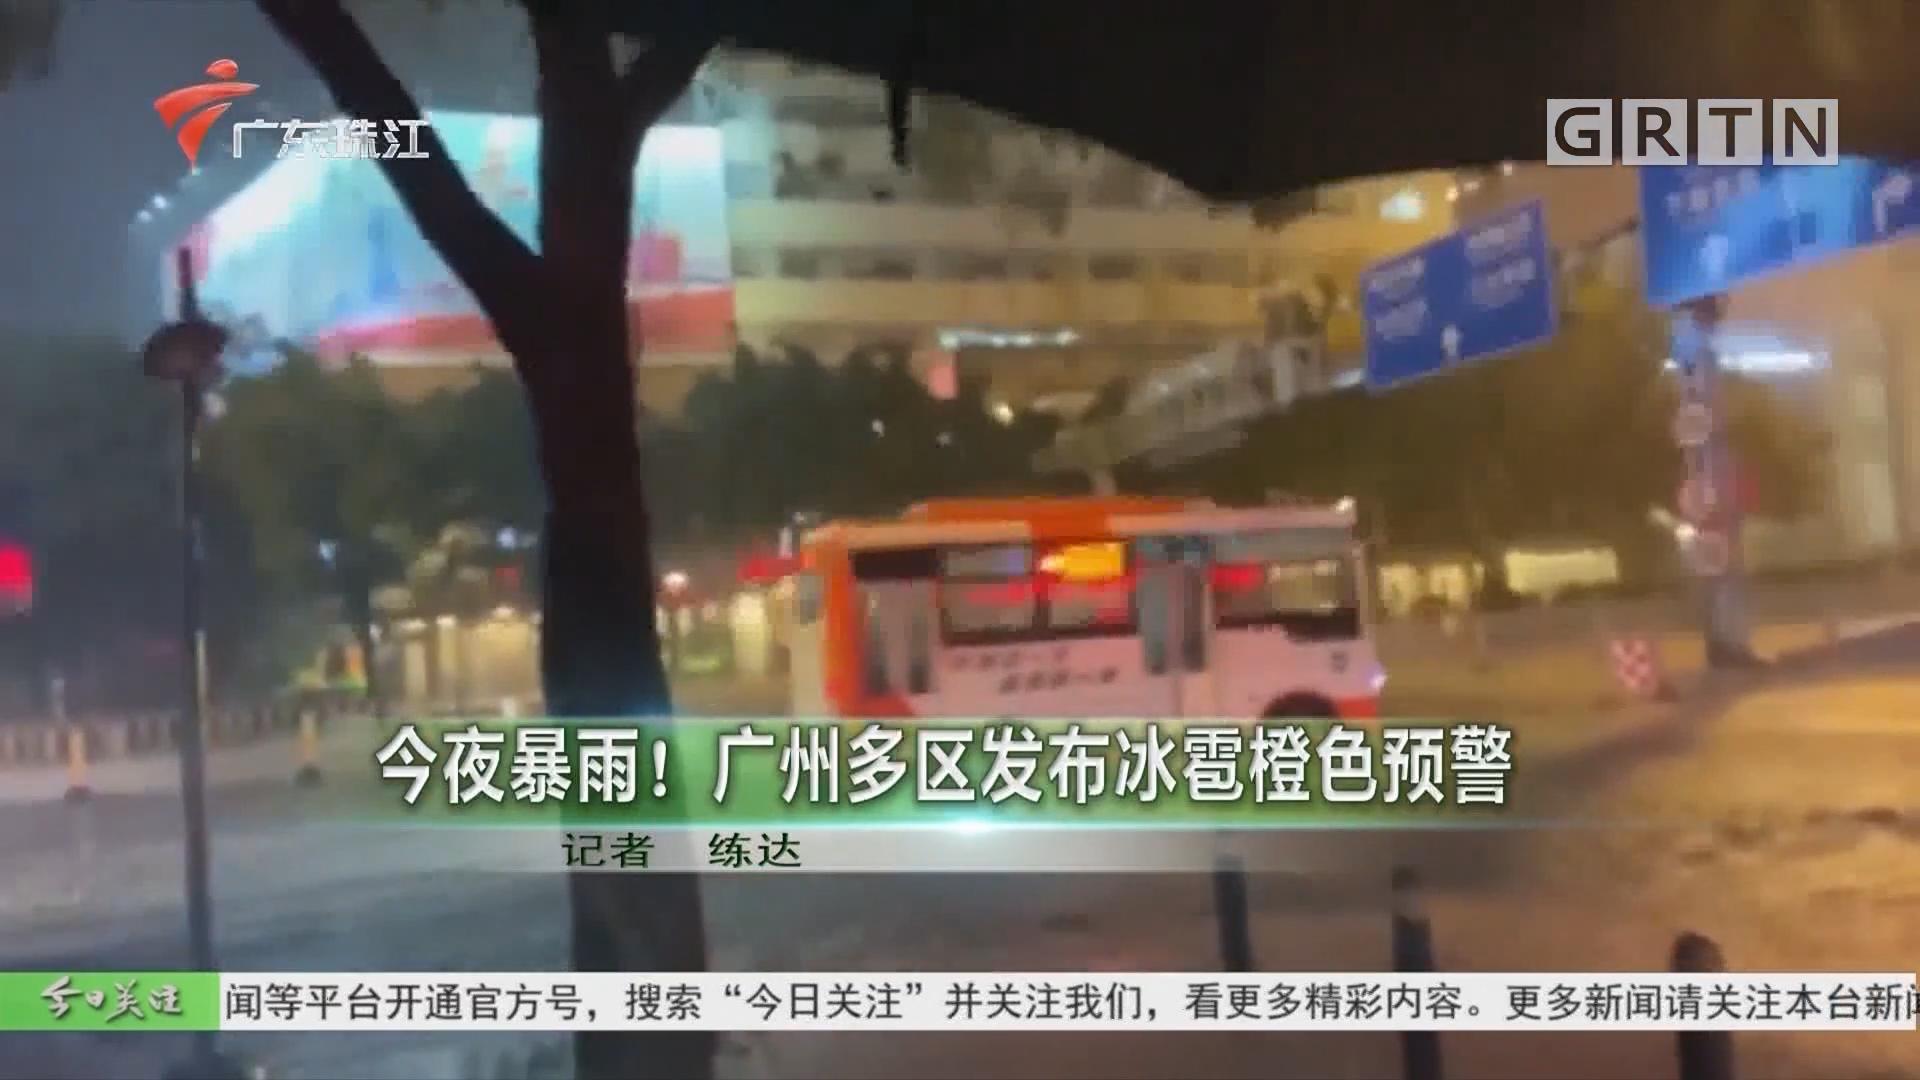 今夜暴雨!廣州多區發布冰雹橙色預警